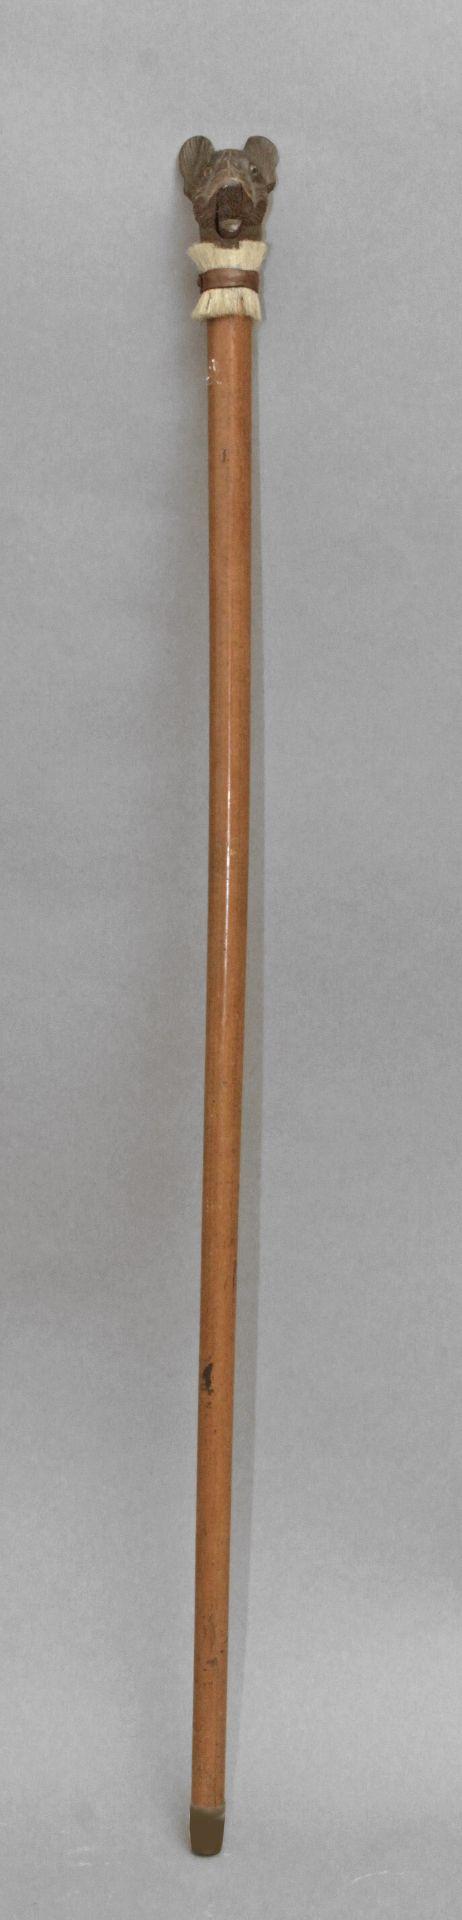 A first half 20th century walking stick - Bild 2 aus 5